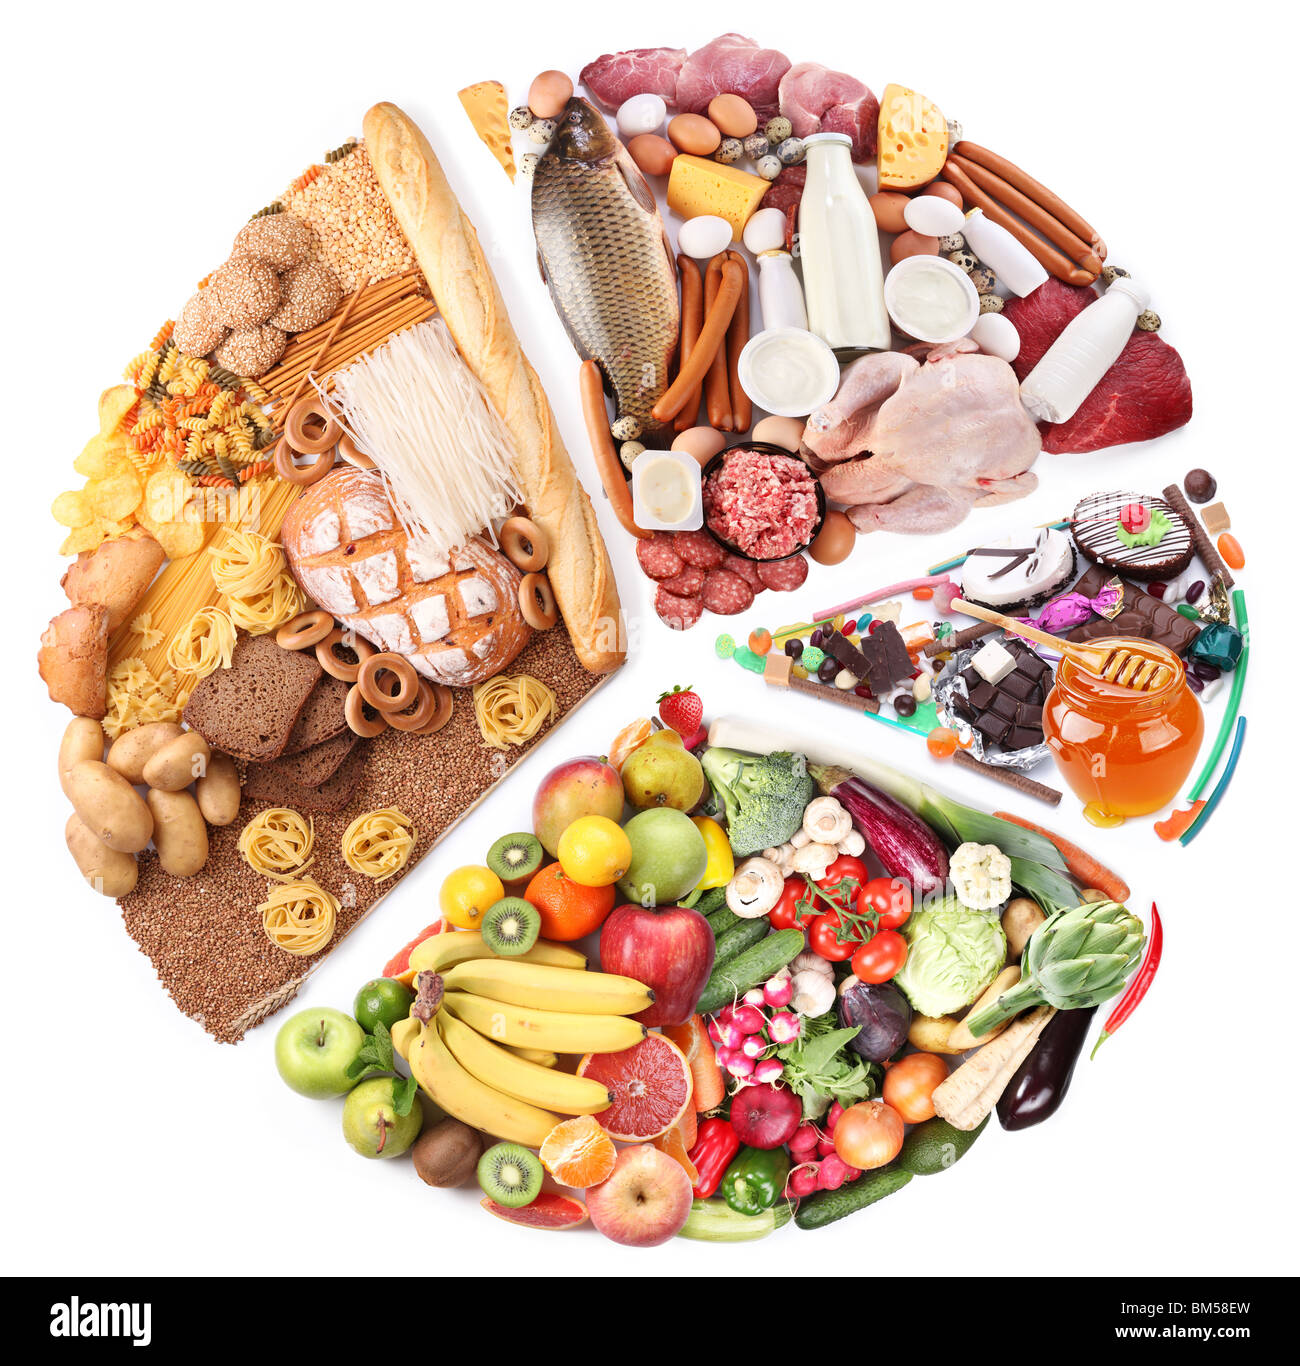 Lebensmittel für eine ausgewogene Ernährung in Form eines Kreises. Isoliert auf weiss Stockbild